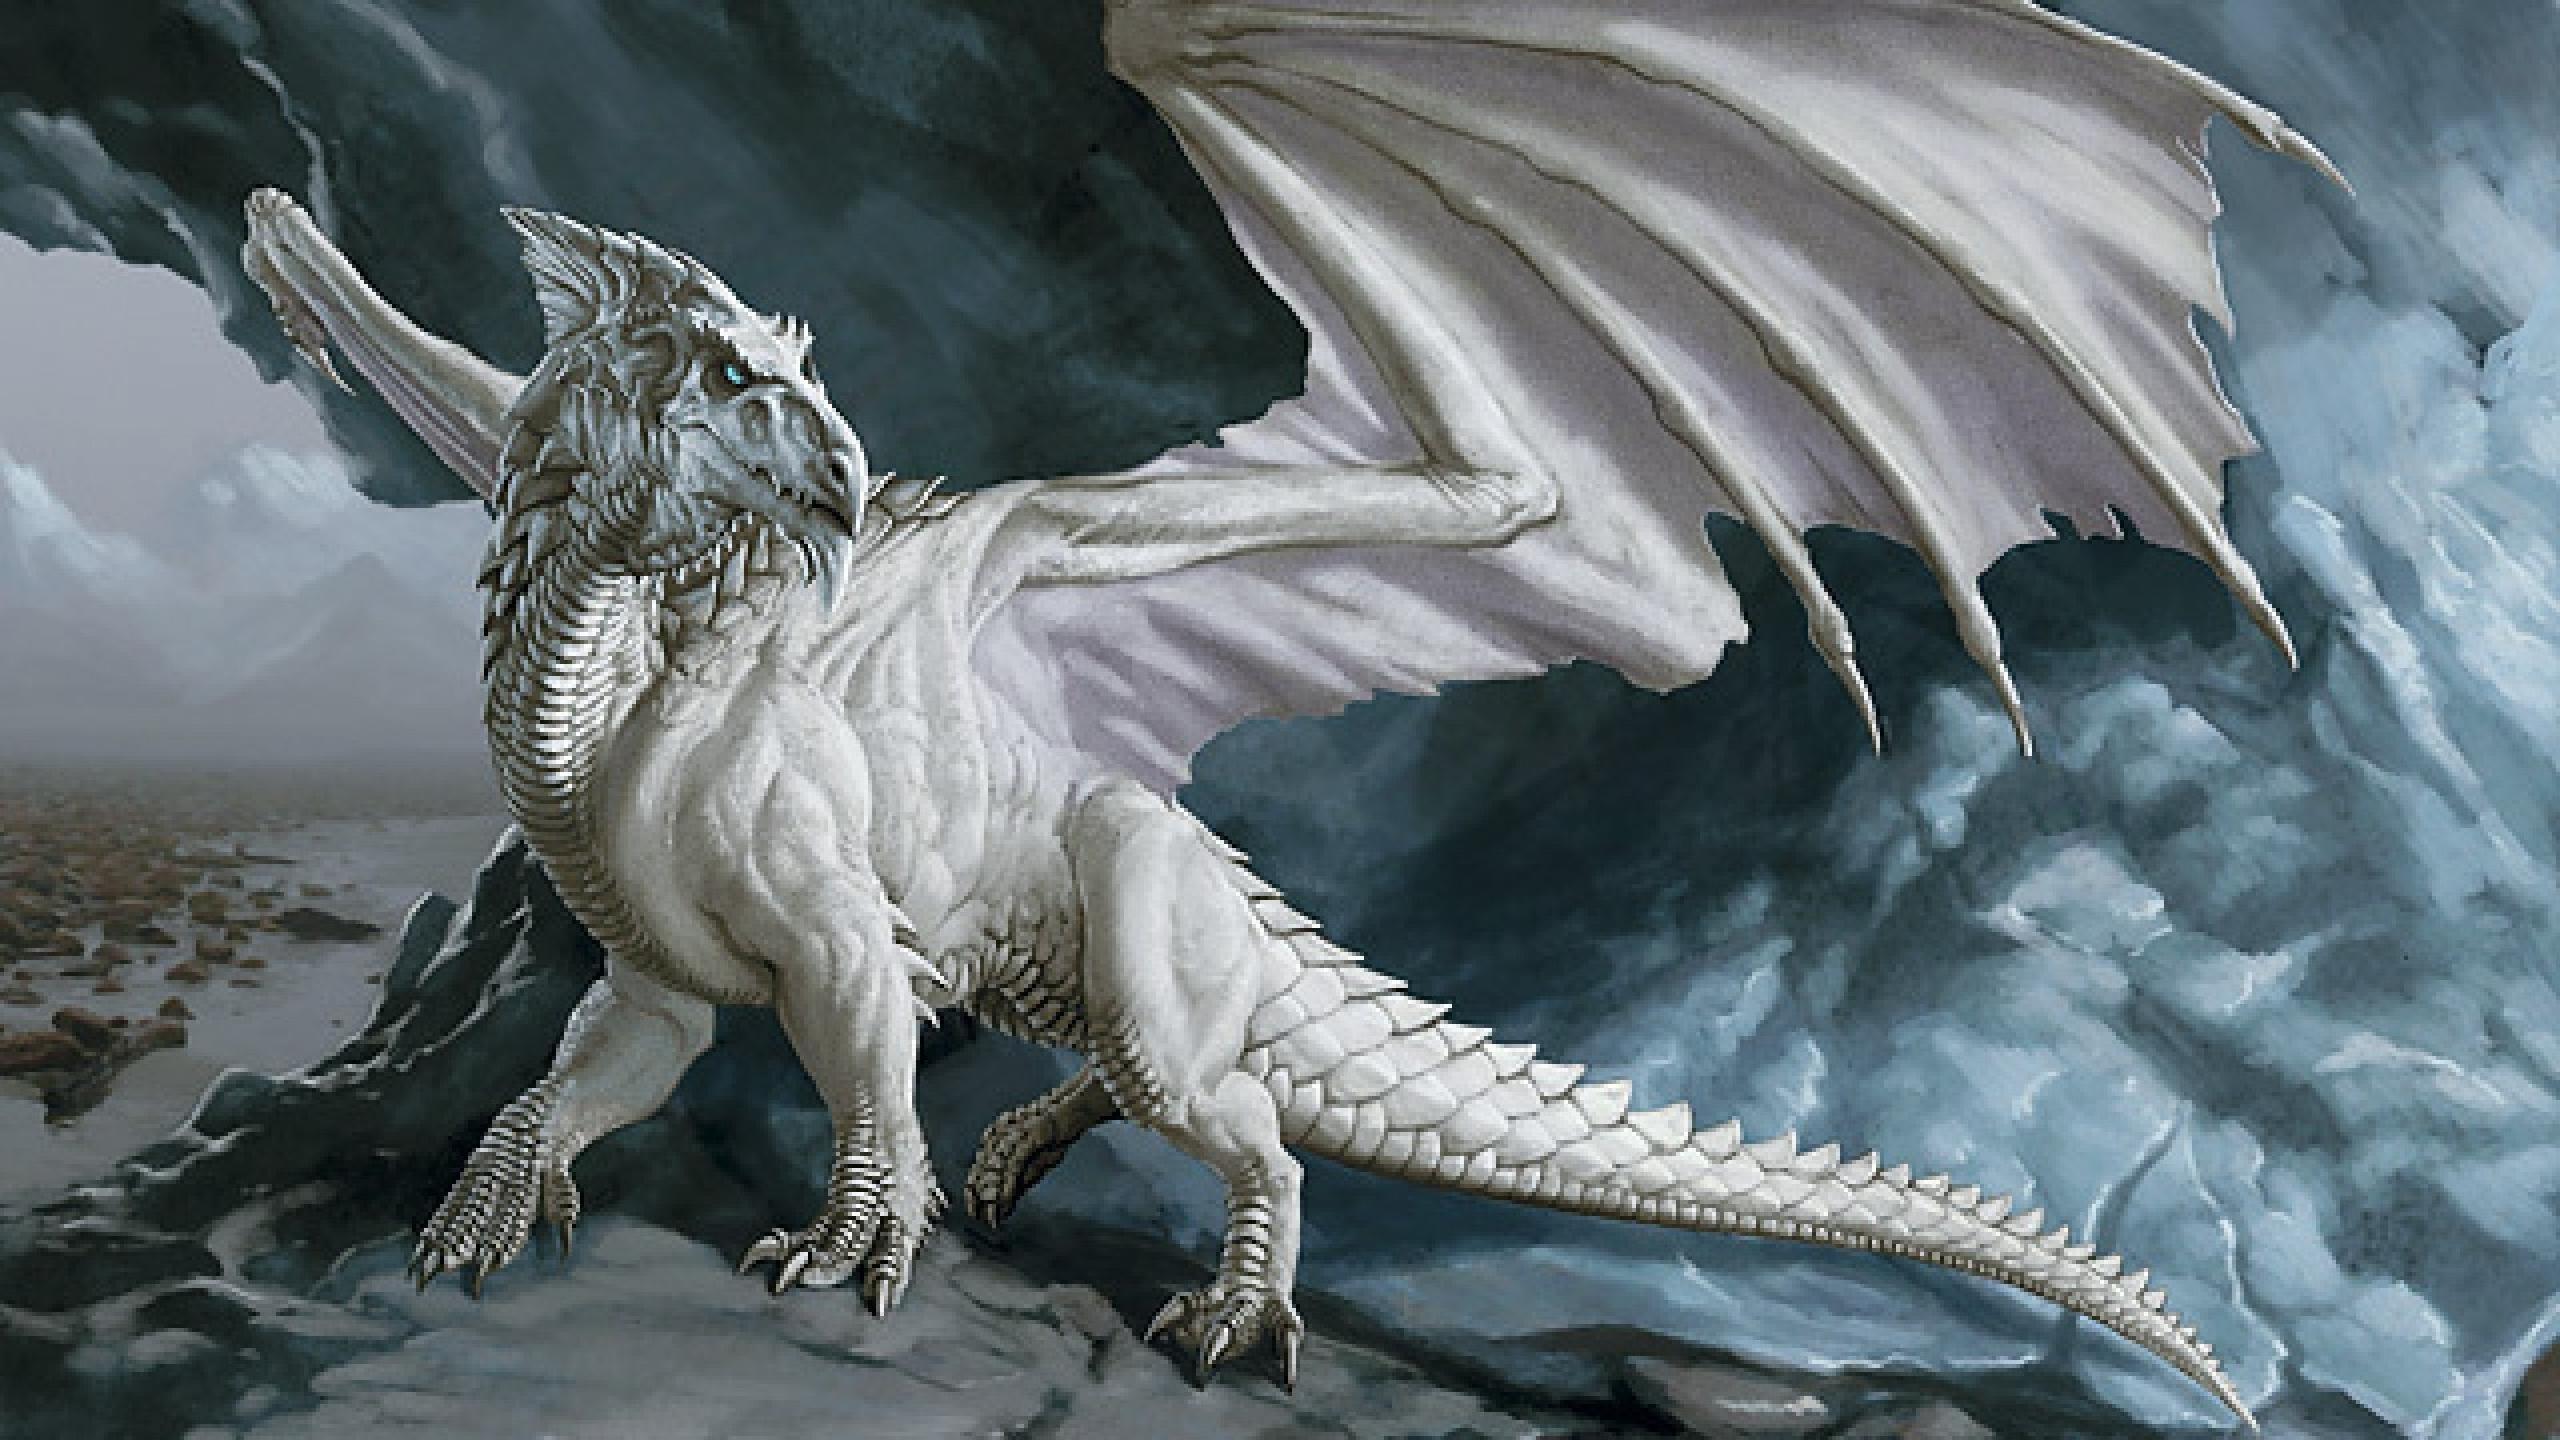 White Dragon Wallpaper Hd 2560x1440 Wallpaper Teahub Io